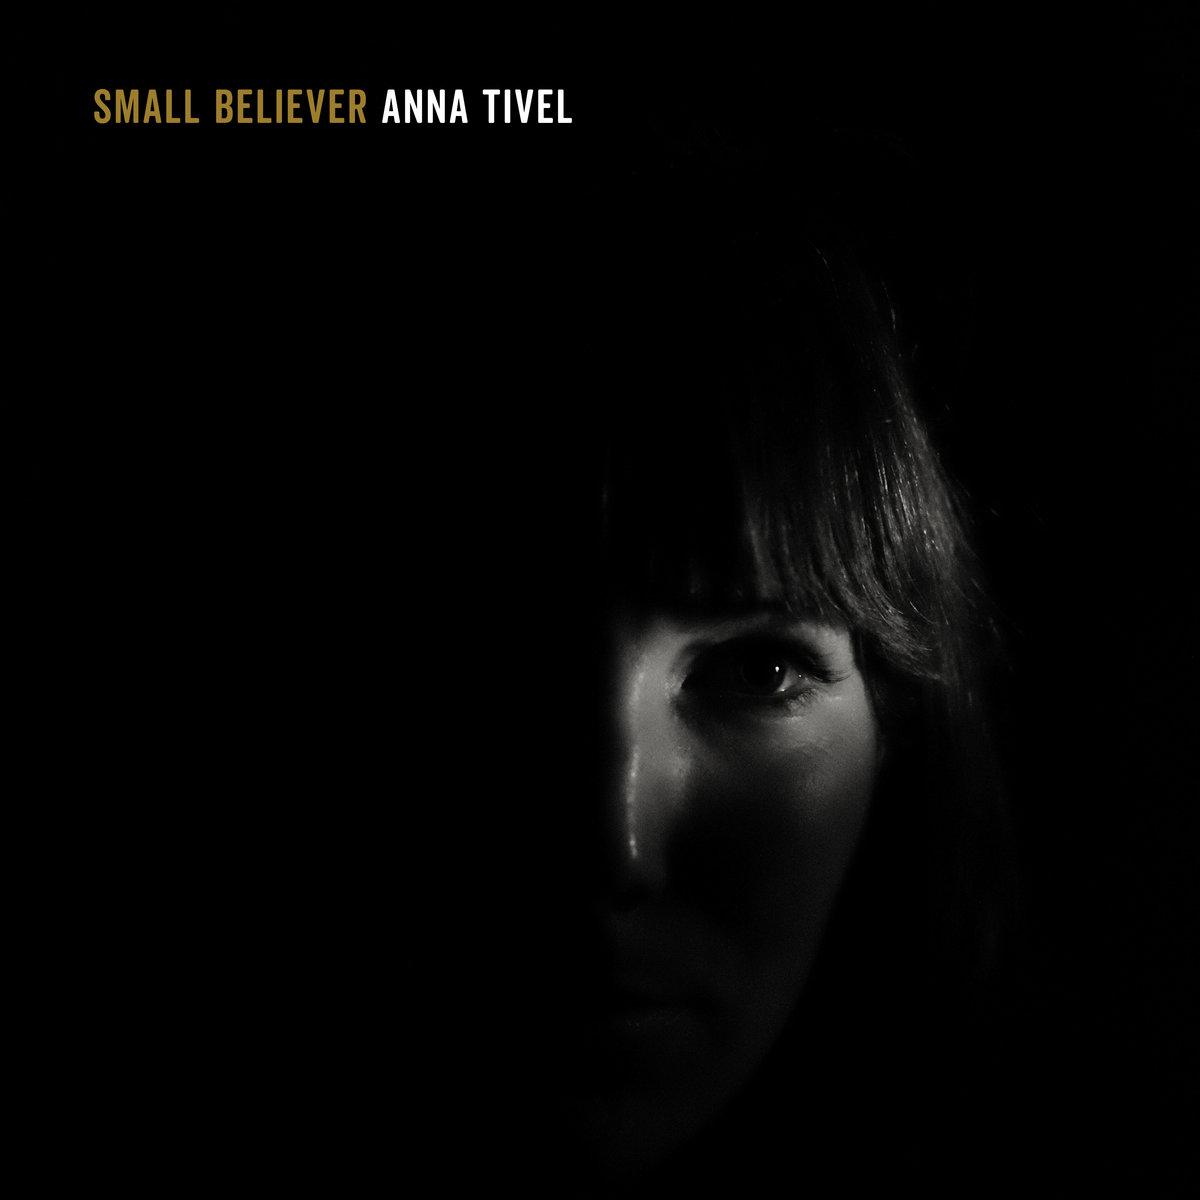 true believer song download